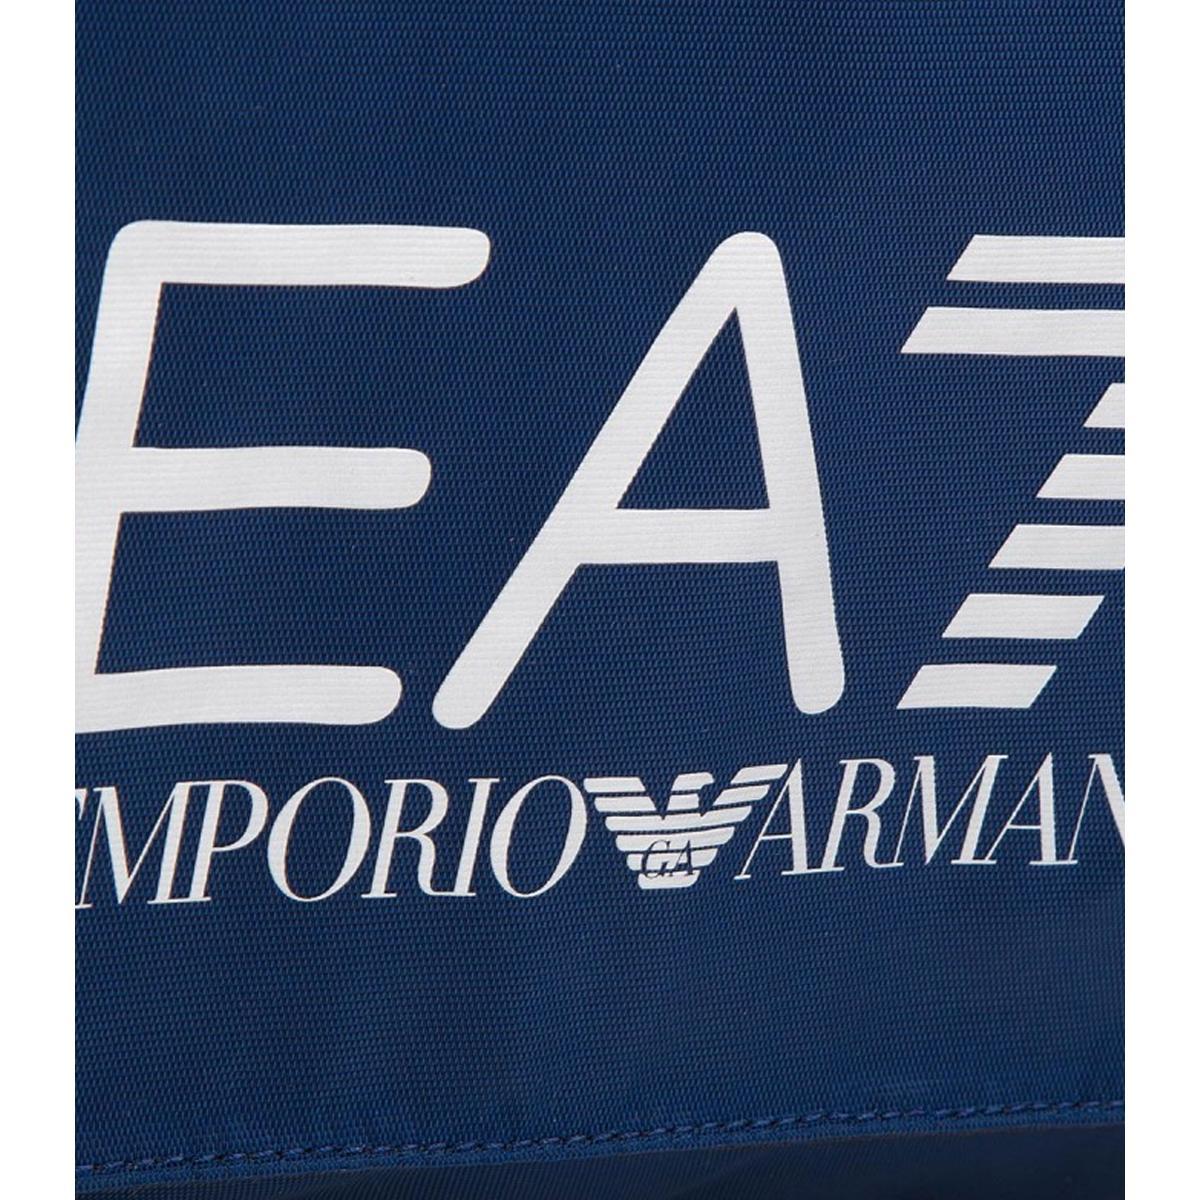 Borsa a tracolla Emporio Armani EA7 da uomo rif. 275660 CC731